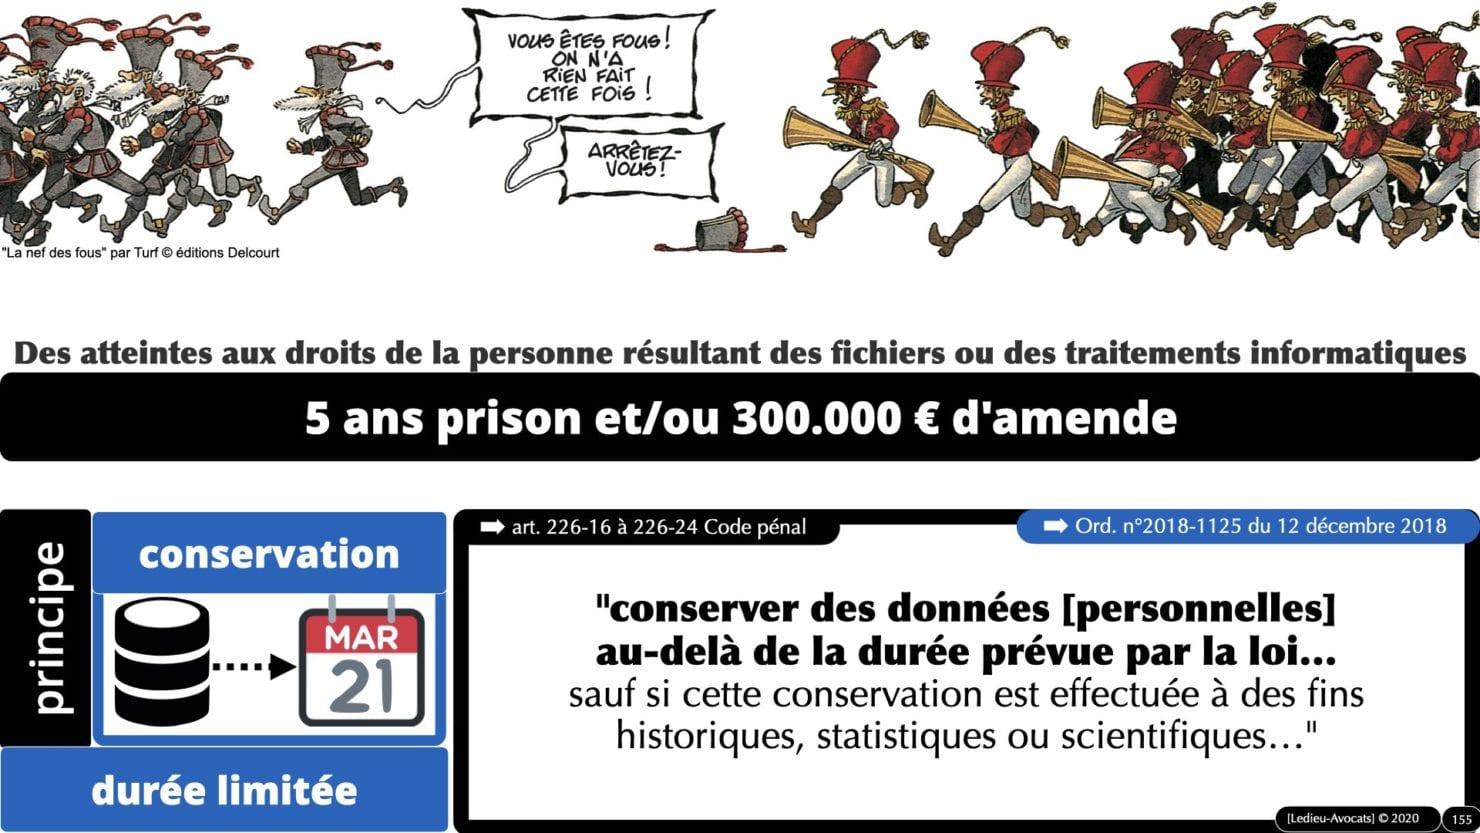 333 CYBER ATTAQUE responsabilité pénale civile contrat © Ledieu-Avocats 23-05-2021.155